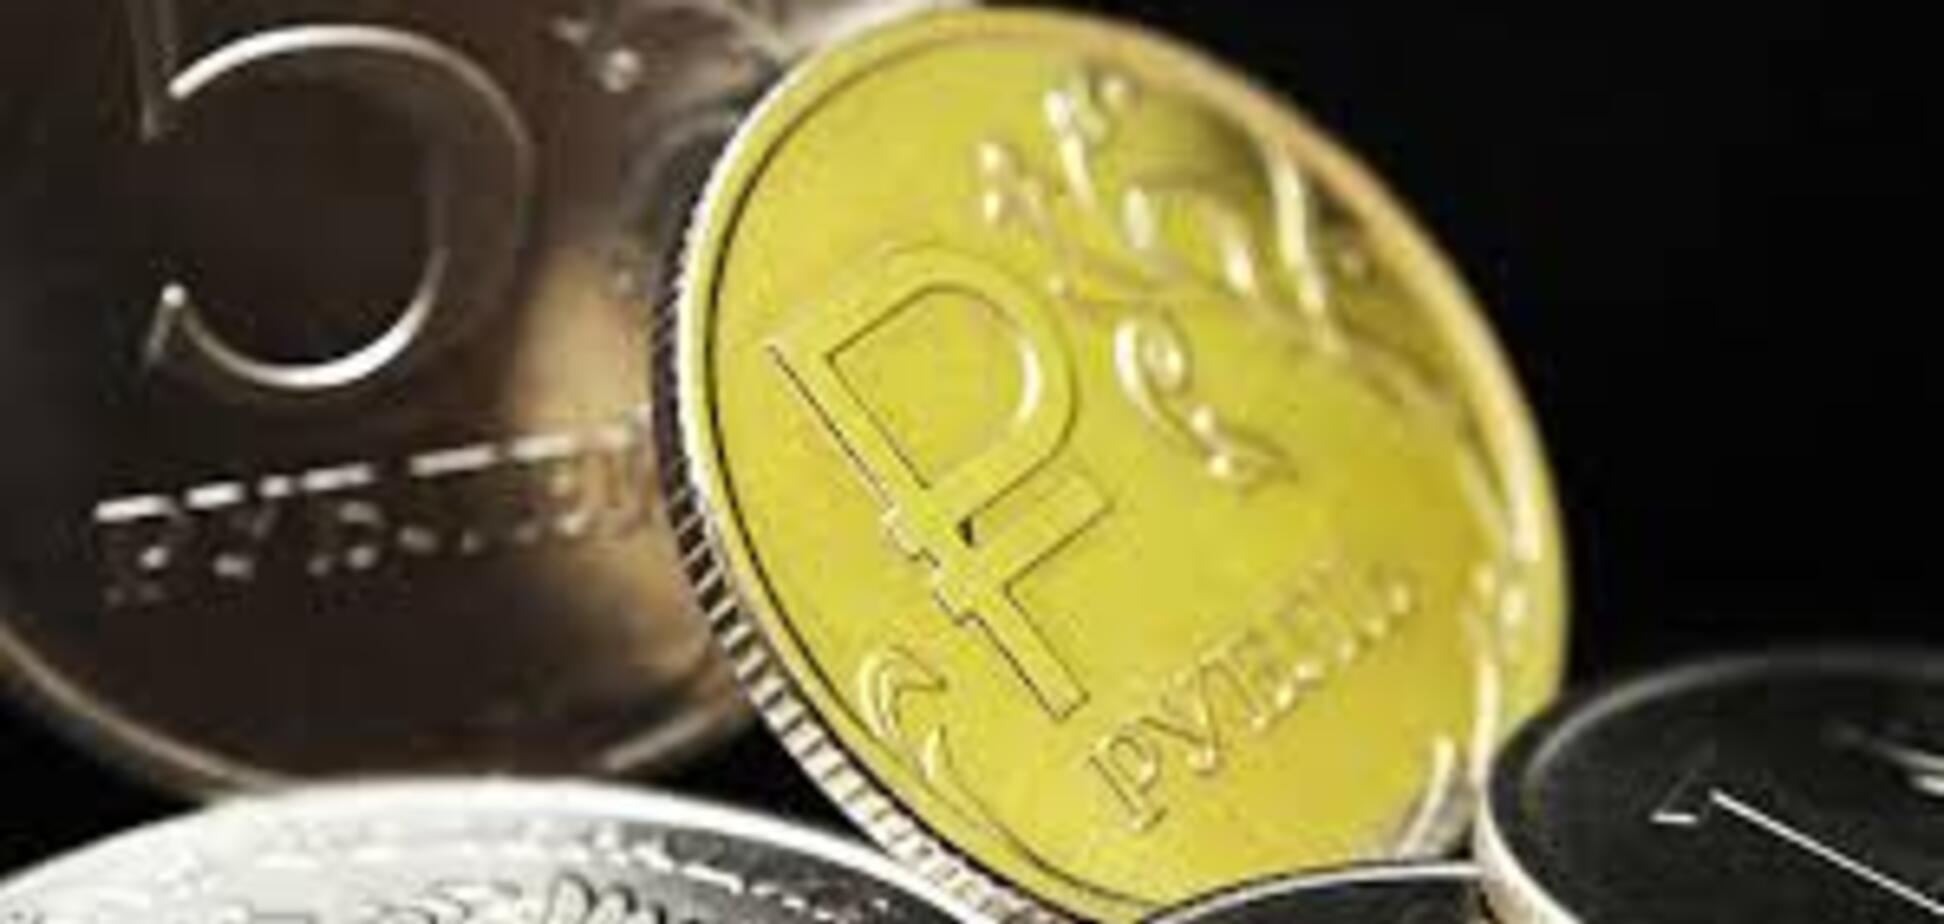 Рубль упадет до 100 за доллар: что это значит для экономики РФ